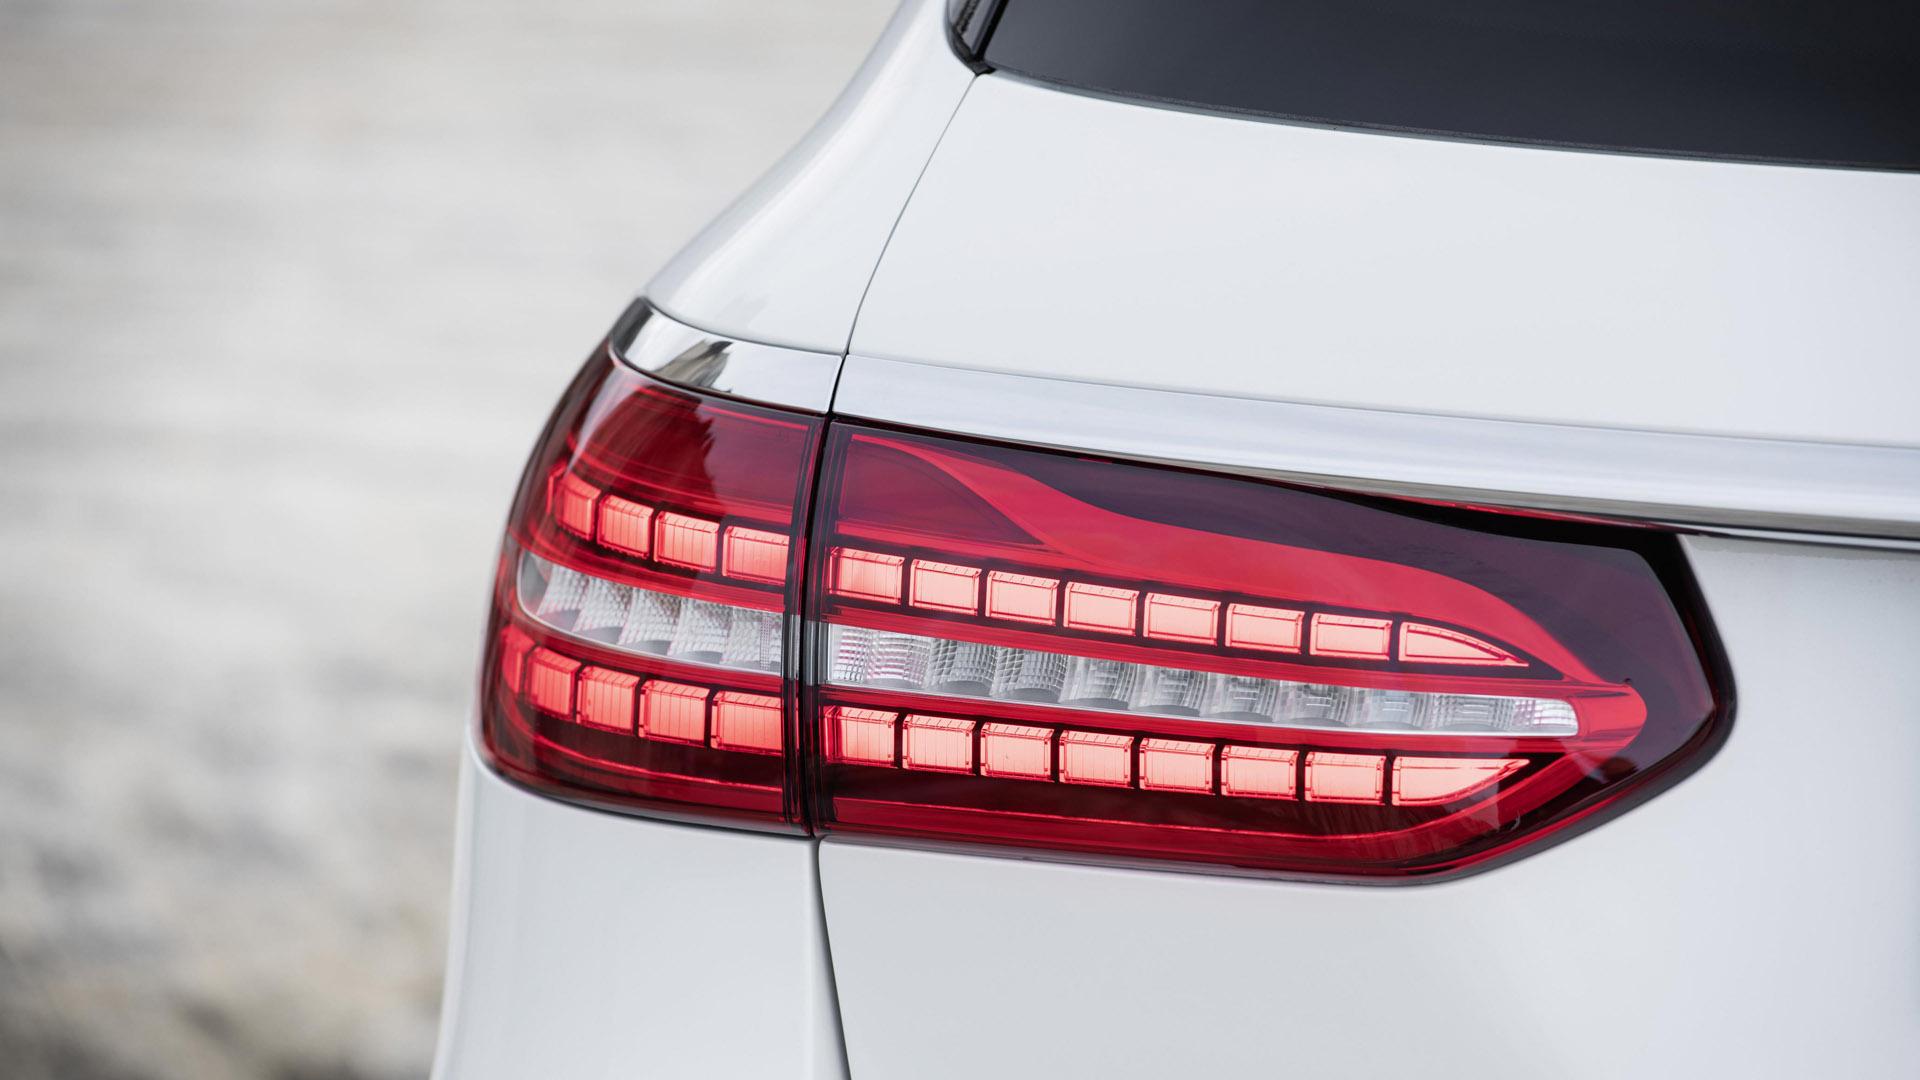 Mercedes-Benz E-Class Estate lights